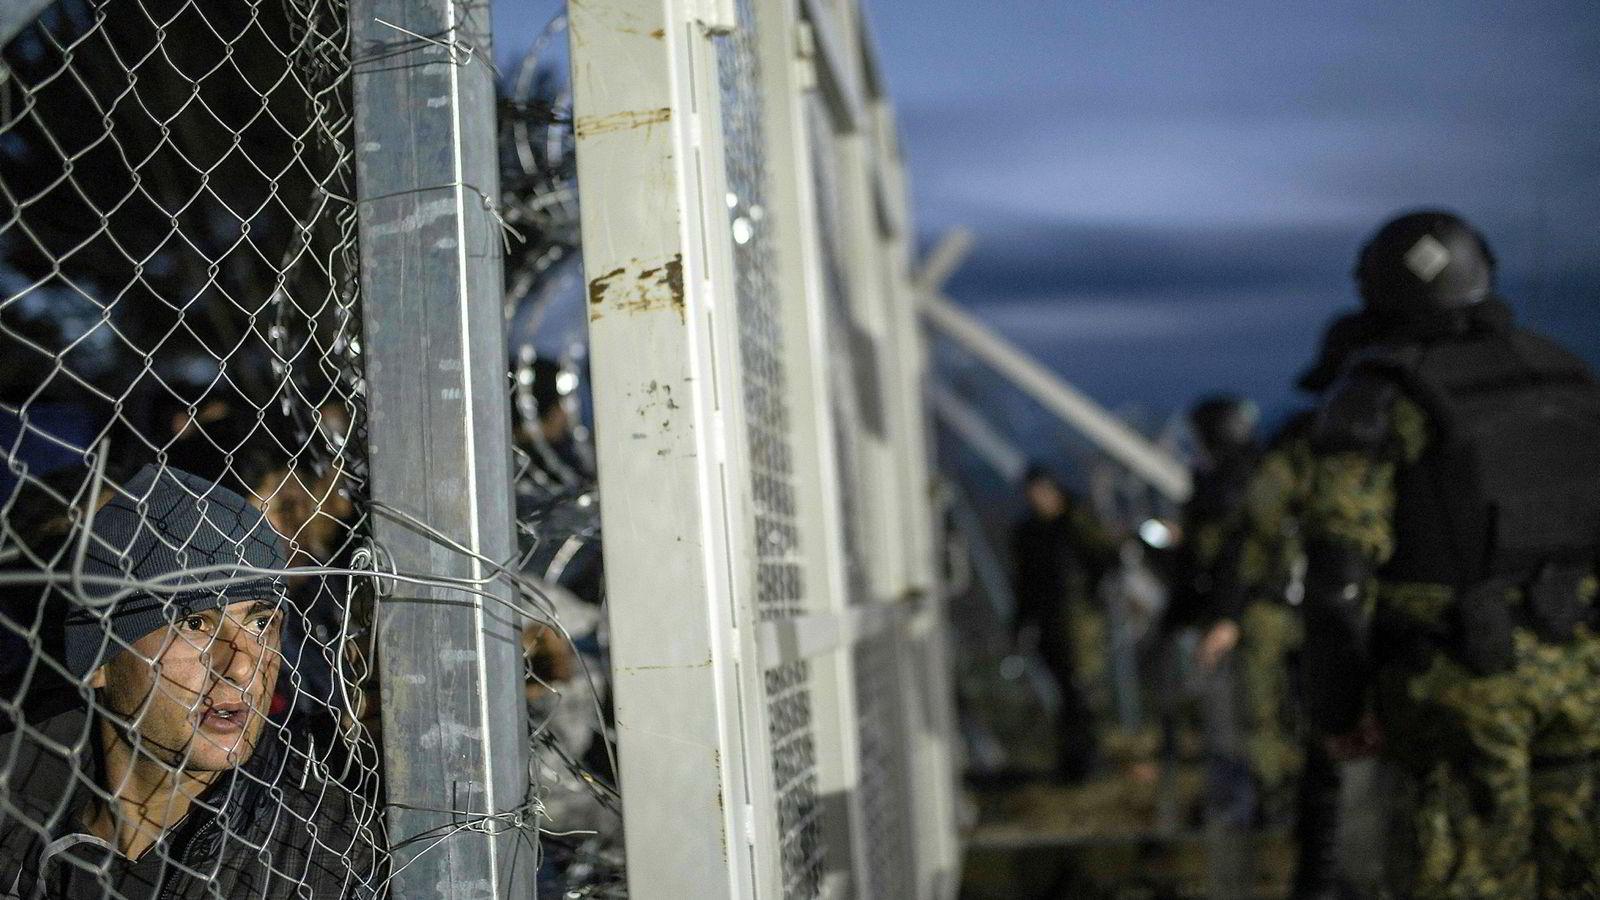 Menneskerettsloven av 1999 fastsetter at EMK og andre viktige menneskerettighetskonvensjoner går foran øvrig norsk lovgivning, sier forfatteren. Makedonsk politi passer på flyktninger fra Afghanistan bak inngjeringen ved den gresk-makedonske grensen. Foto: Robert Atanasovski/AFP/NTB Scanpix